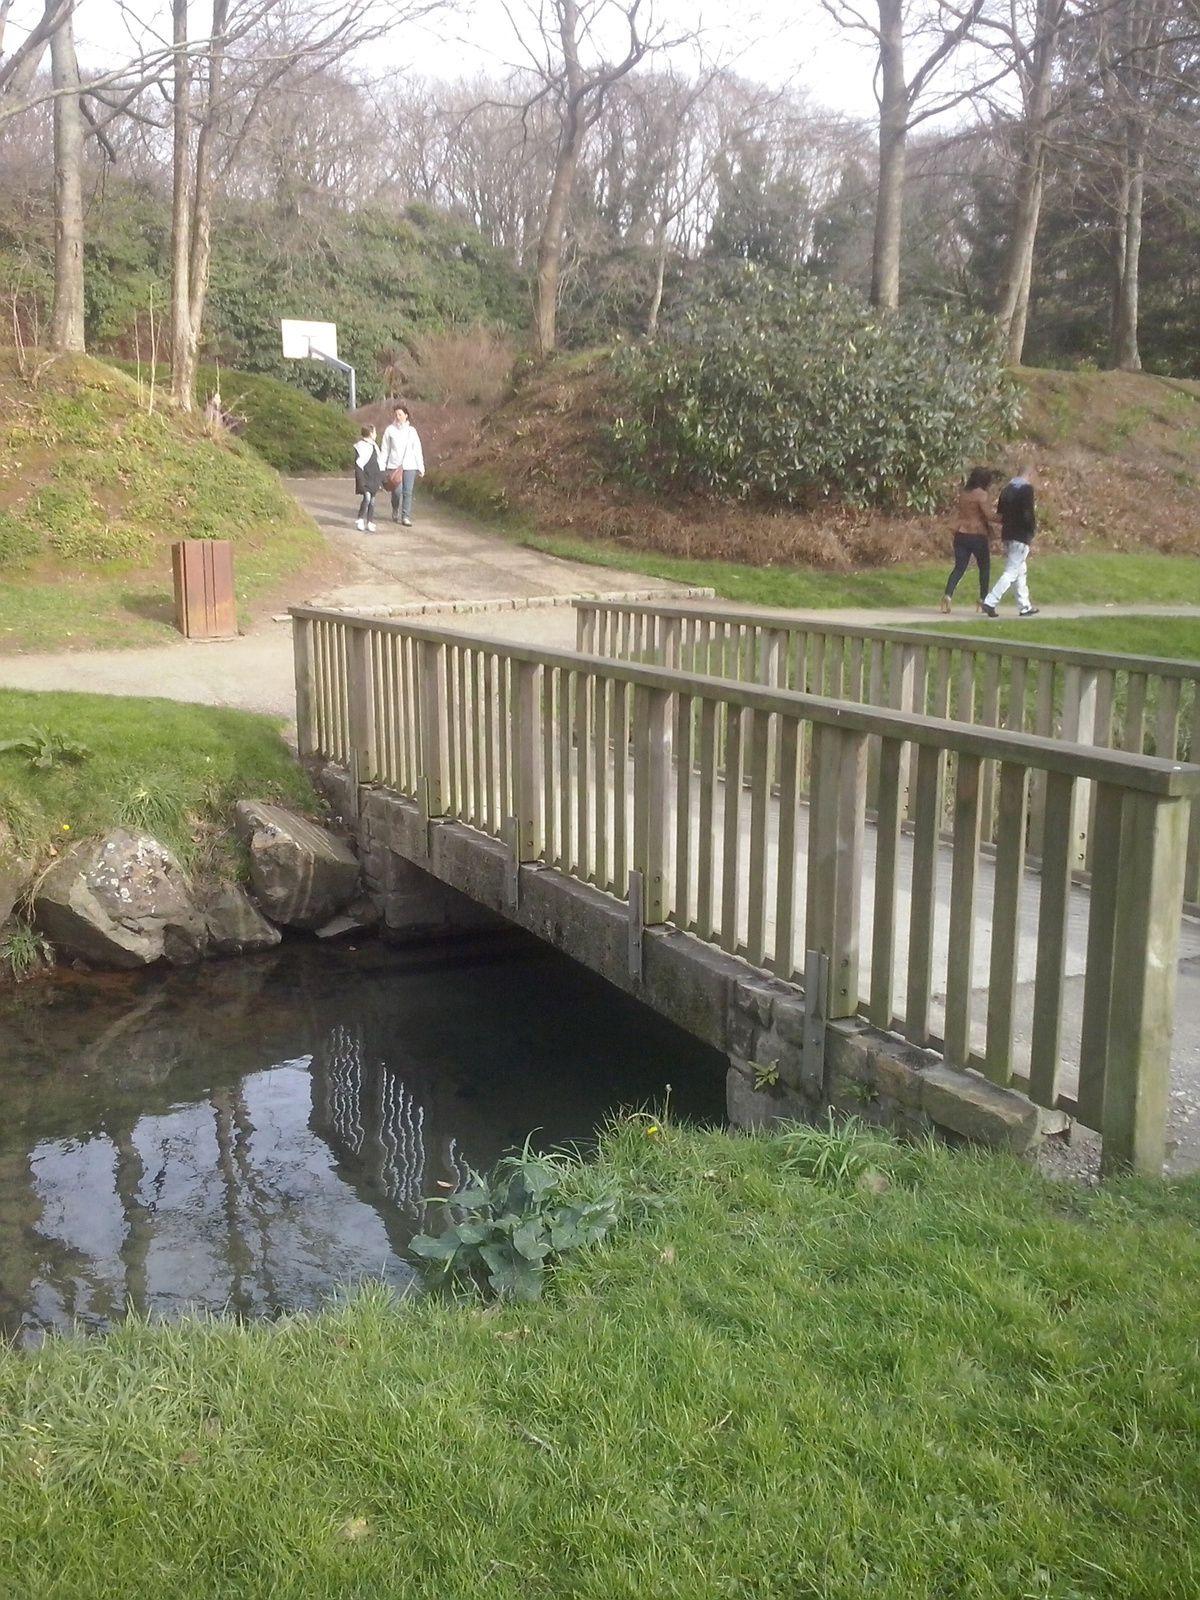 l'un des petits ponts du parc enjambant l'autre rive ......